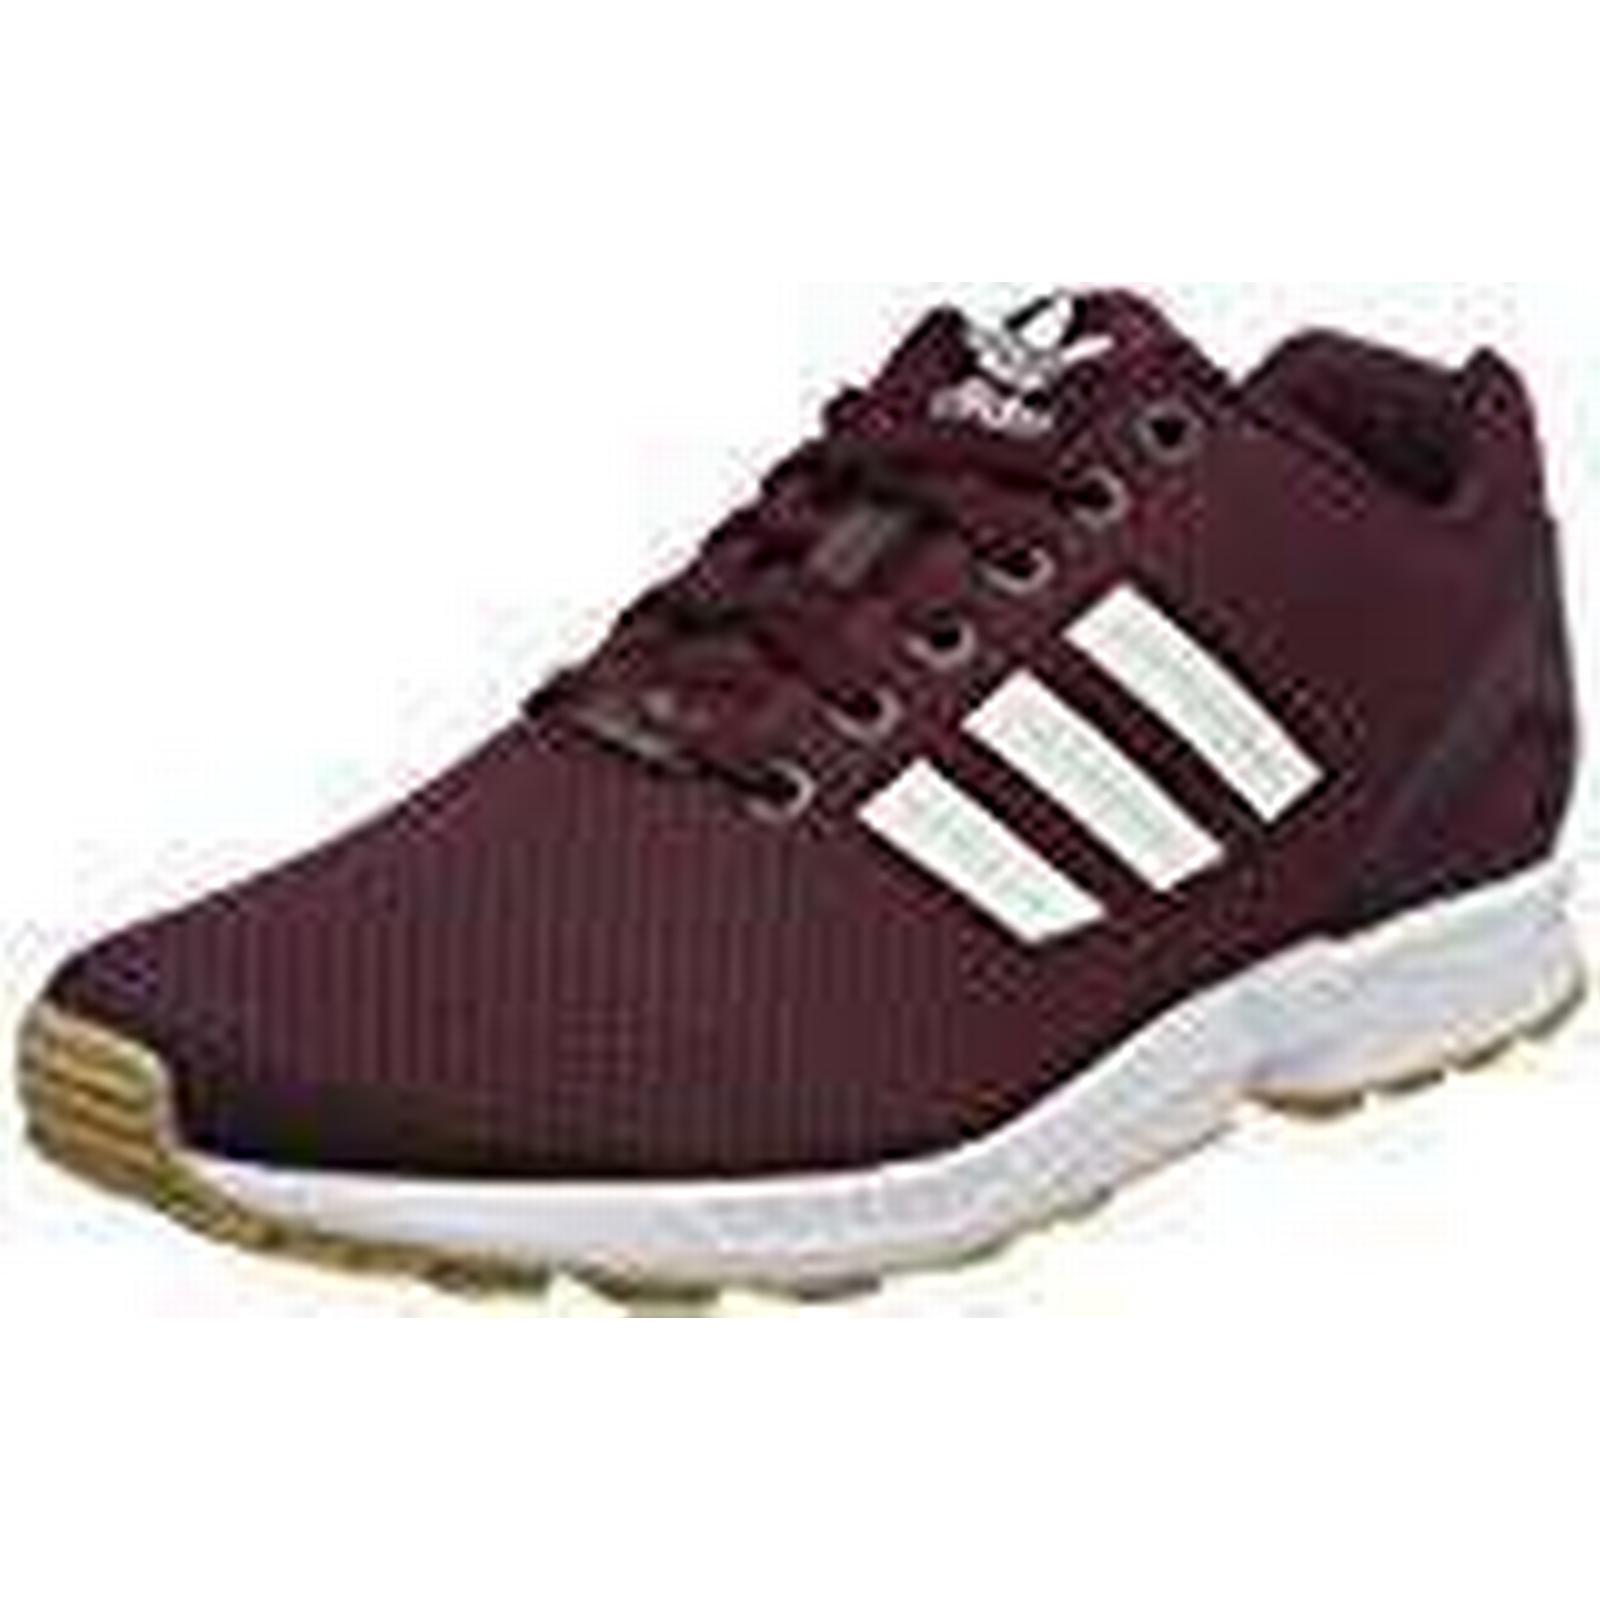 Adidas Men''s Zx Flux Fitness Shoes, Red (Granat/Ftwbla / Gum3 UK 000), 6 UK 6 UK Gum3 c230f0